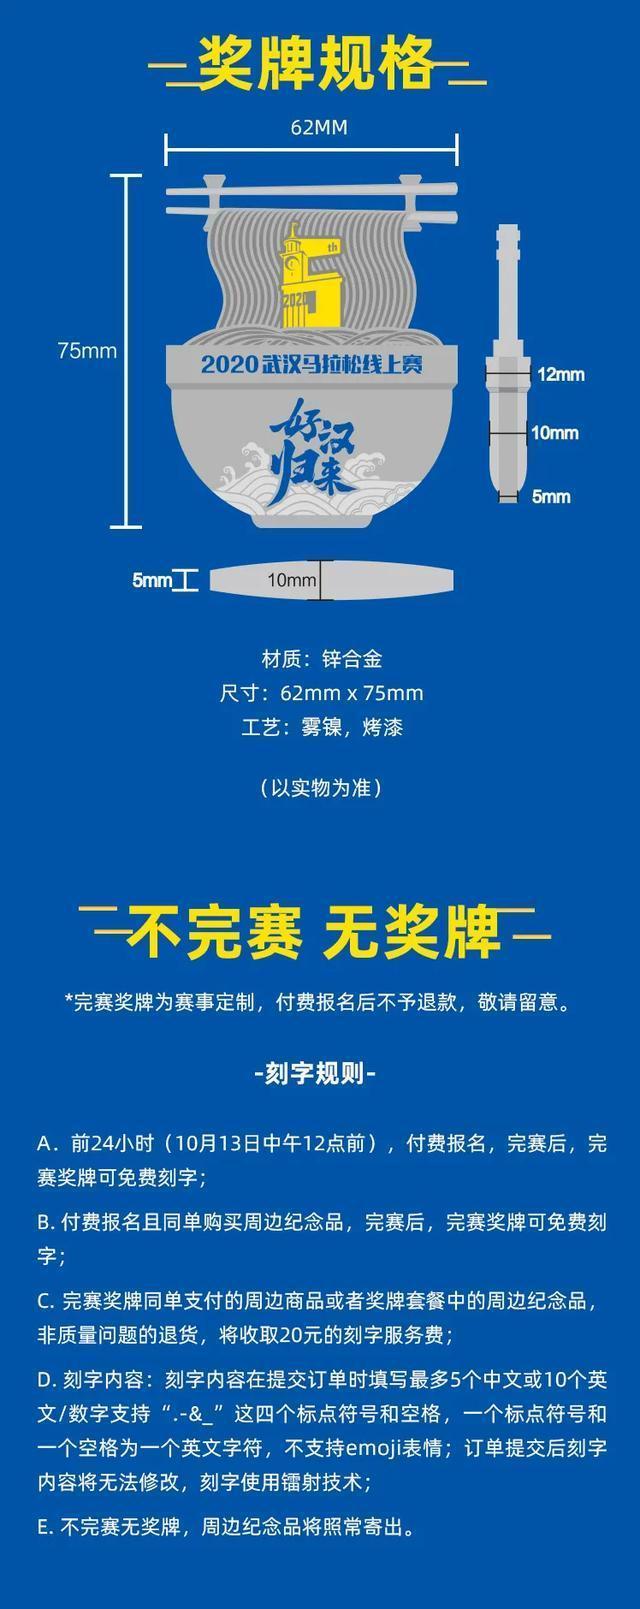 2020年10月12日武汉马拉松在线大赛开始,800个2021汉马贯通名额等着你! 第9张